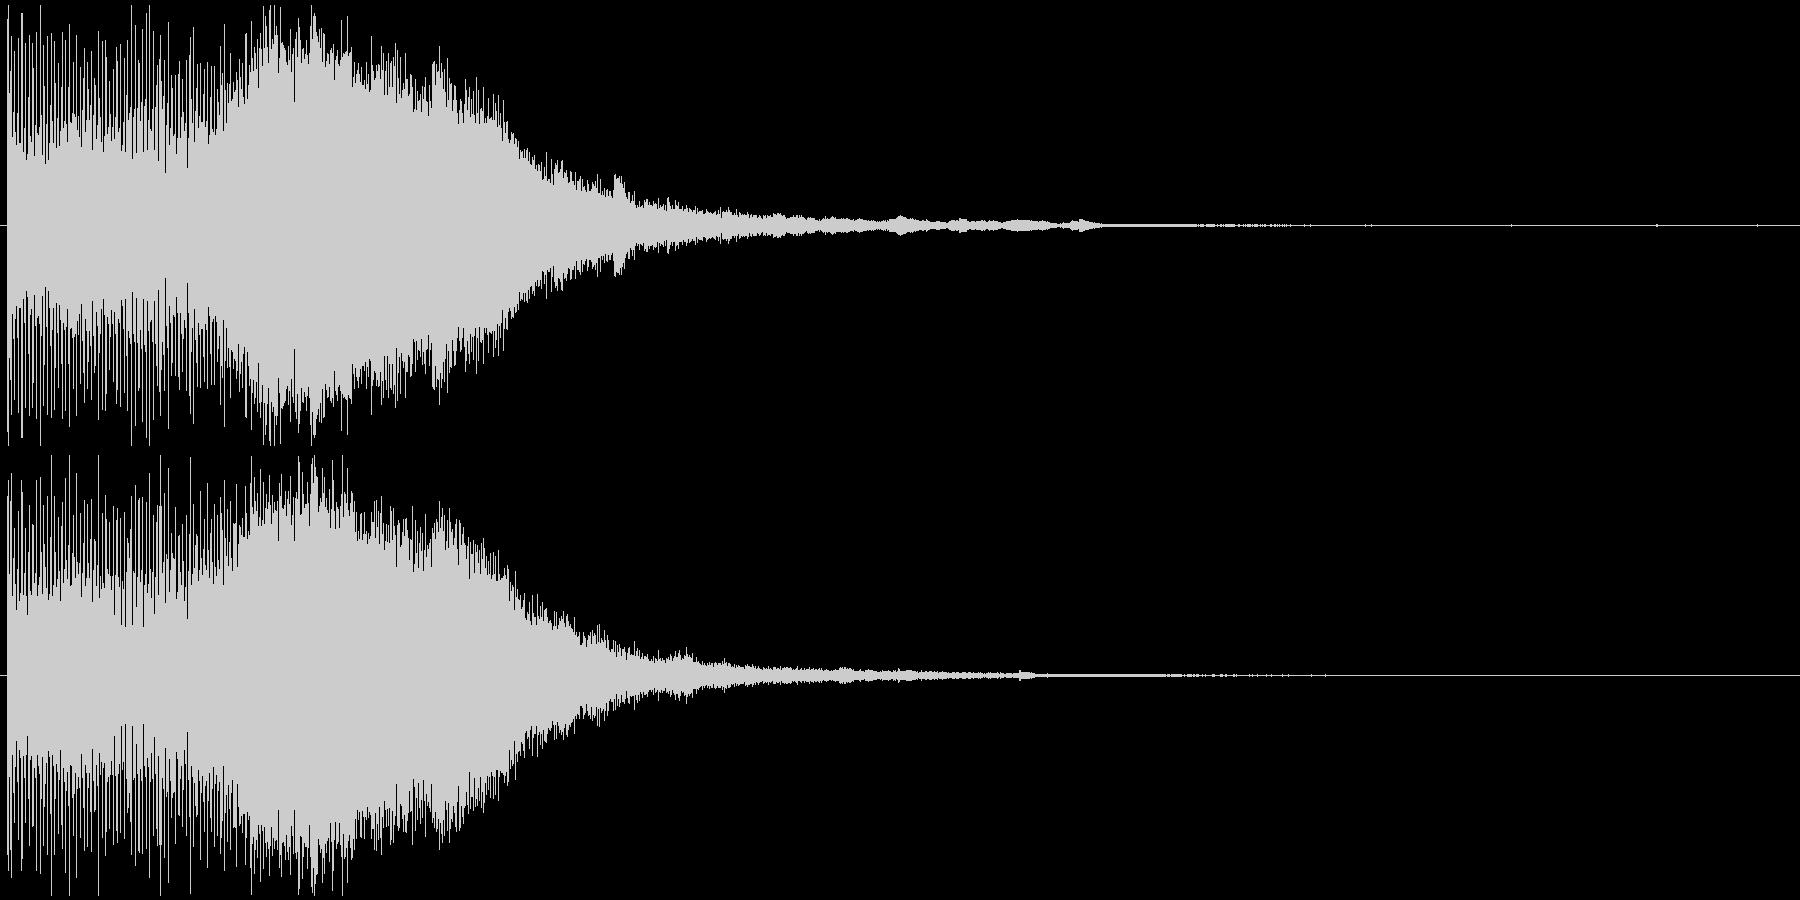 スタイリッシュ・洗練アイキャッチジングルの未再生の波形